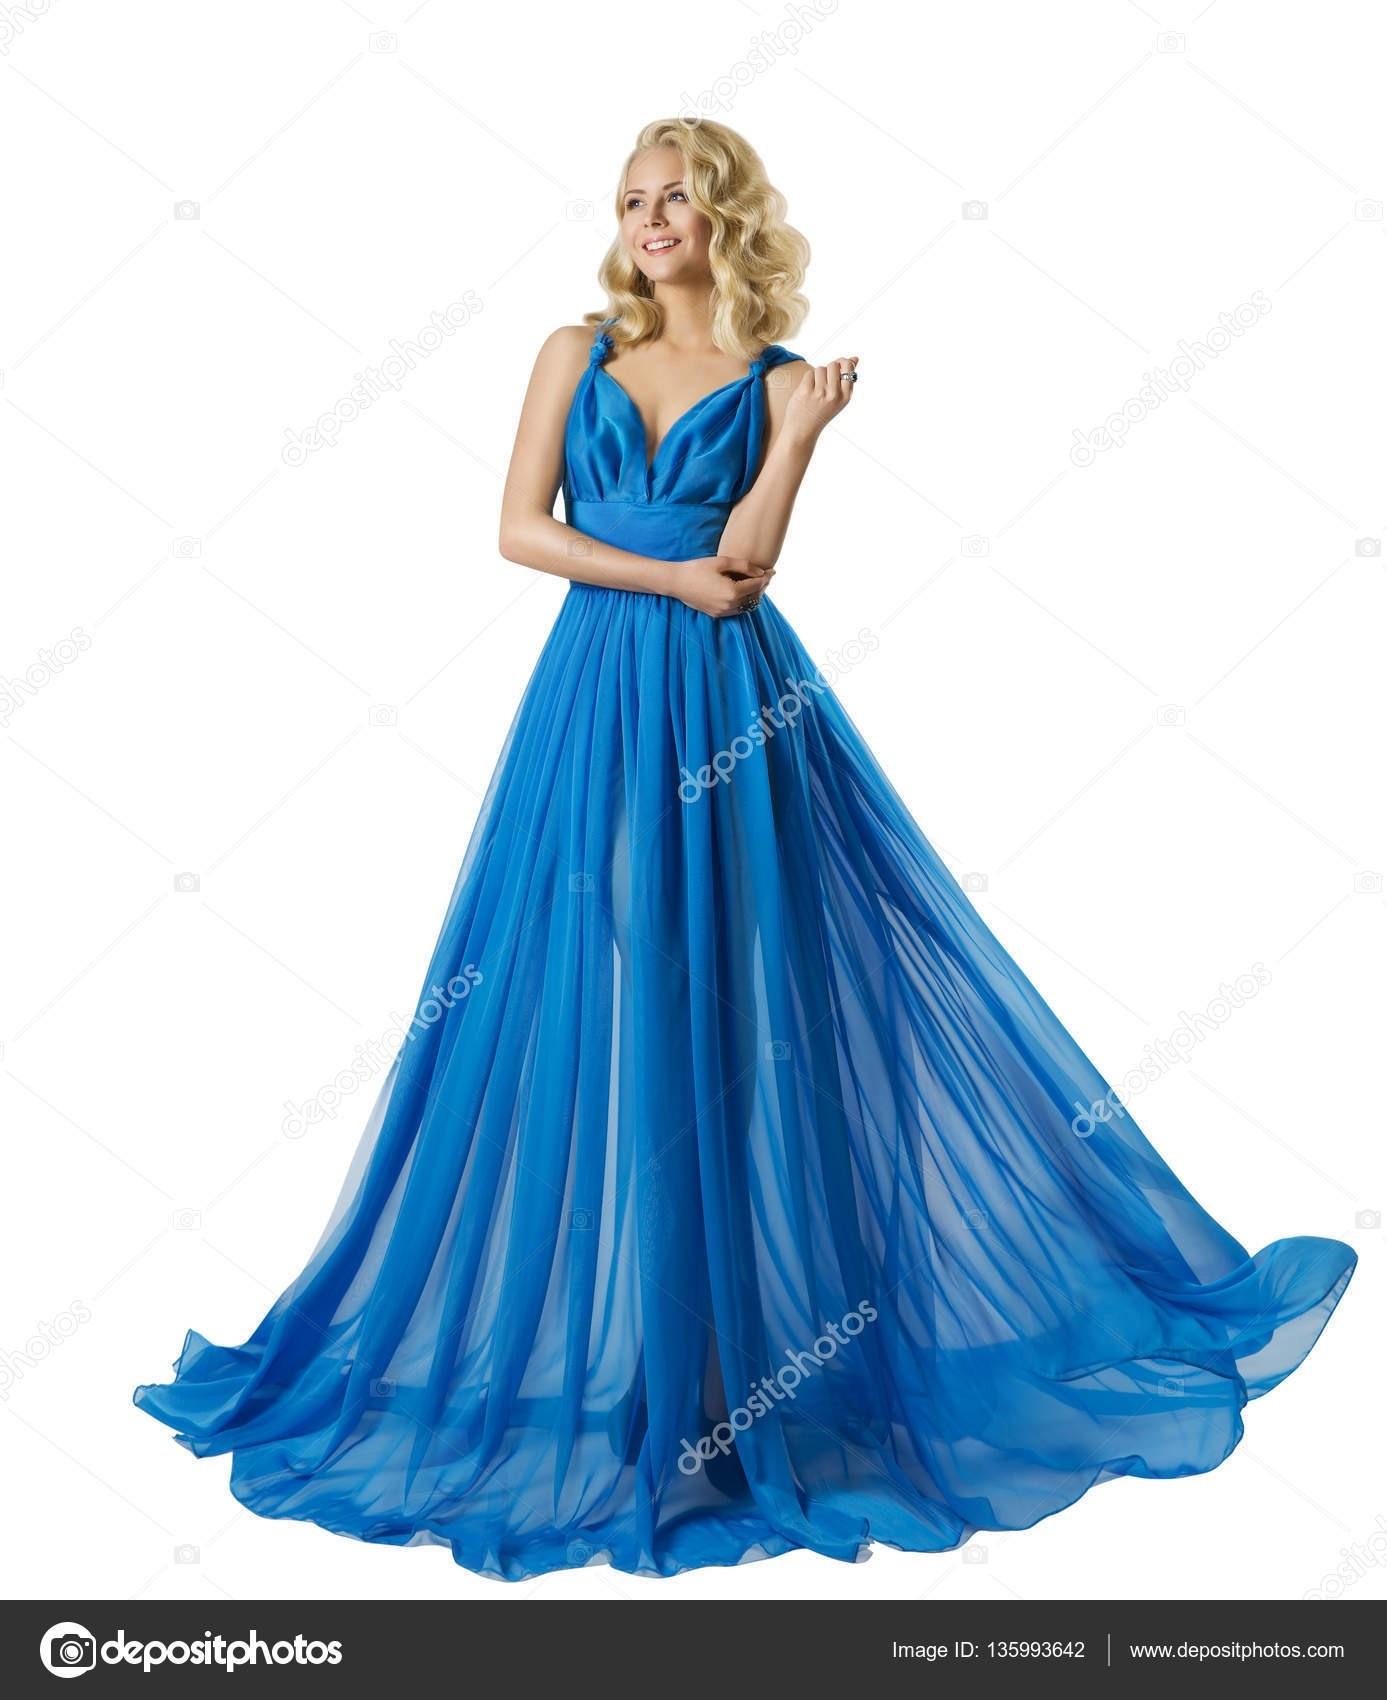 15 Top Abendkleider Lang Für Junge Damen Spezialgebiet13 Elegant Abendkleider Lang Für Junge Damen Bester Preis